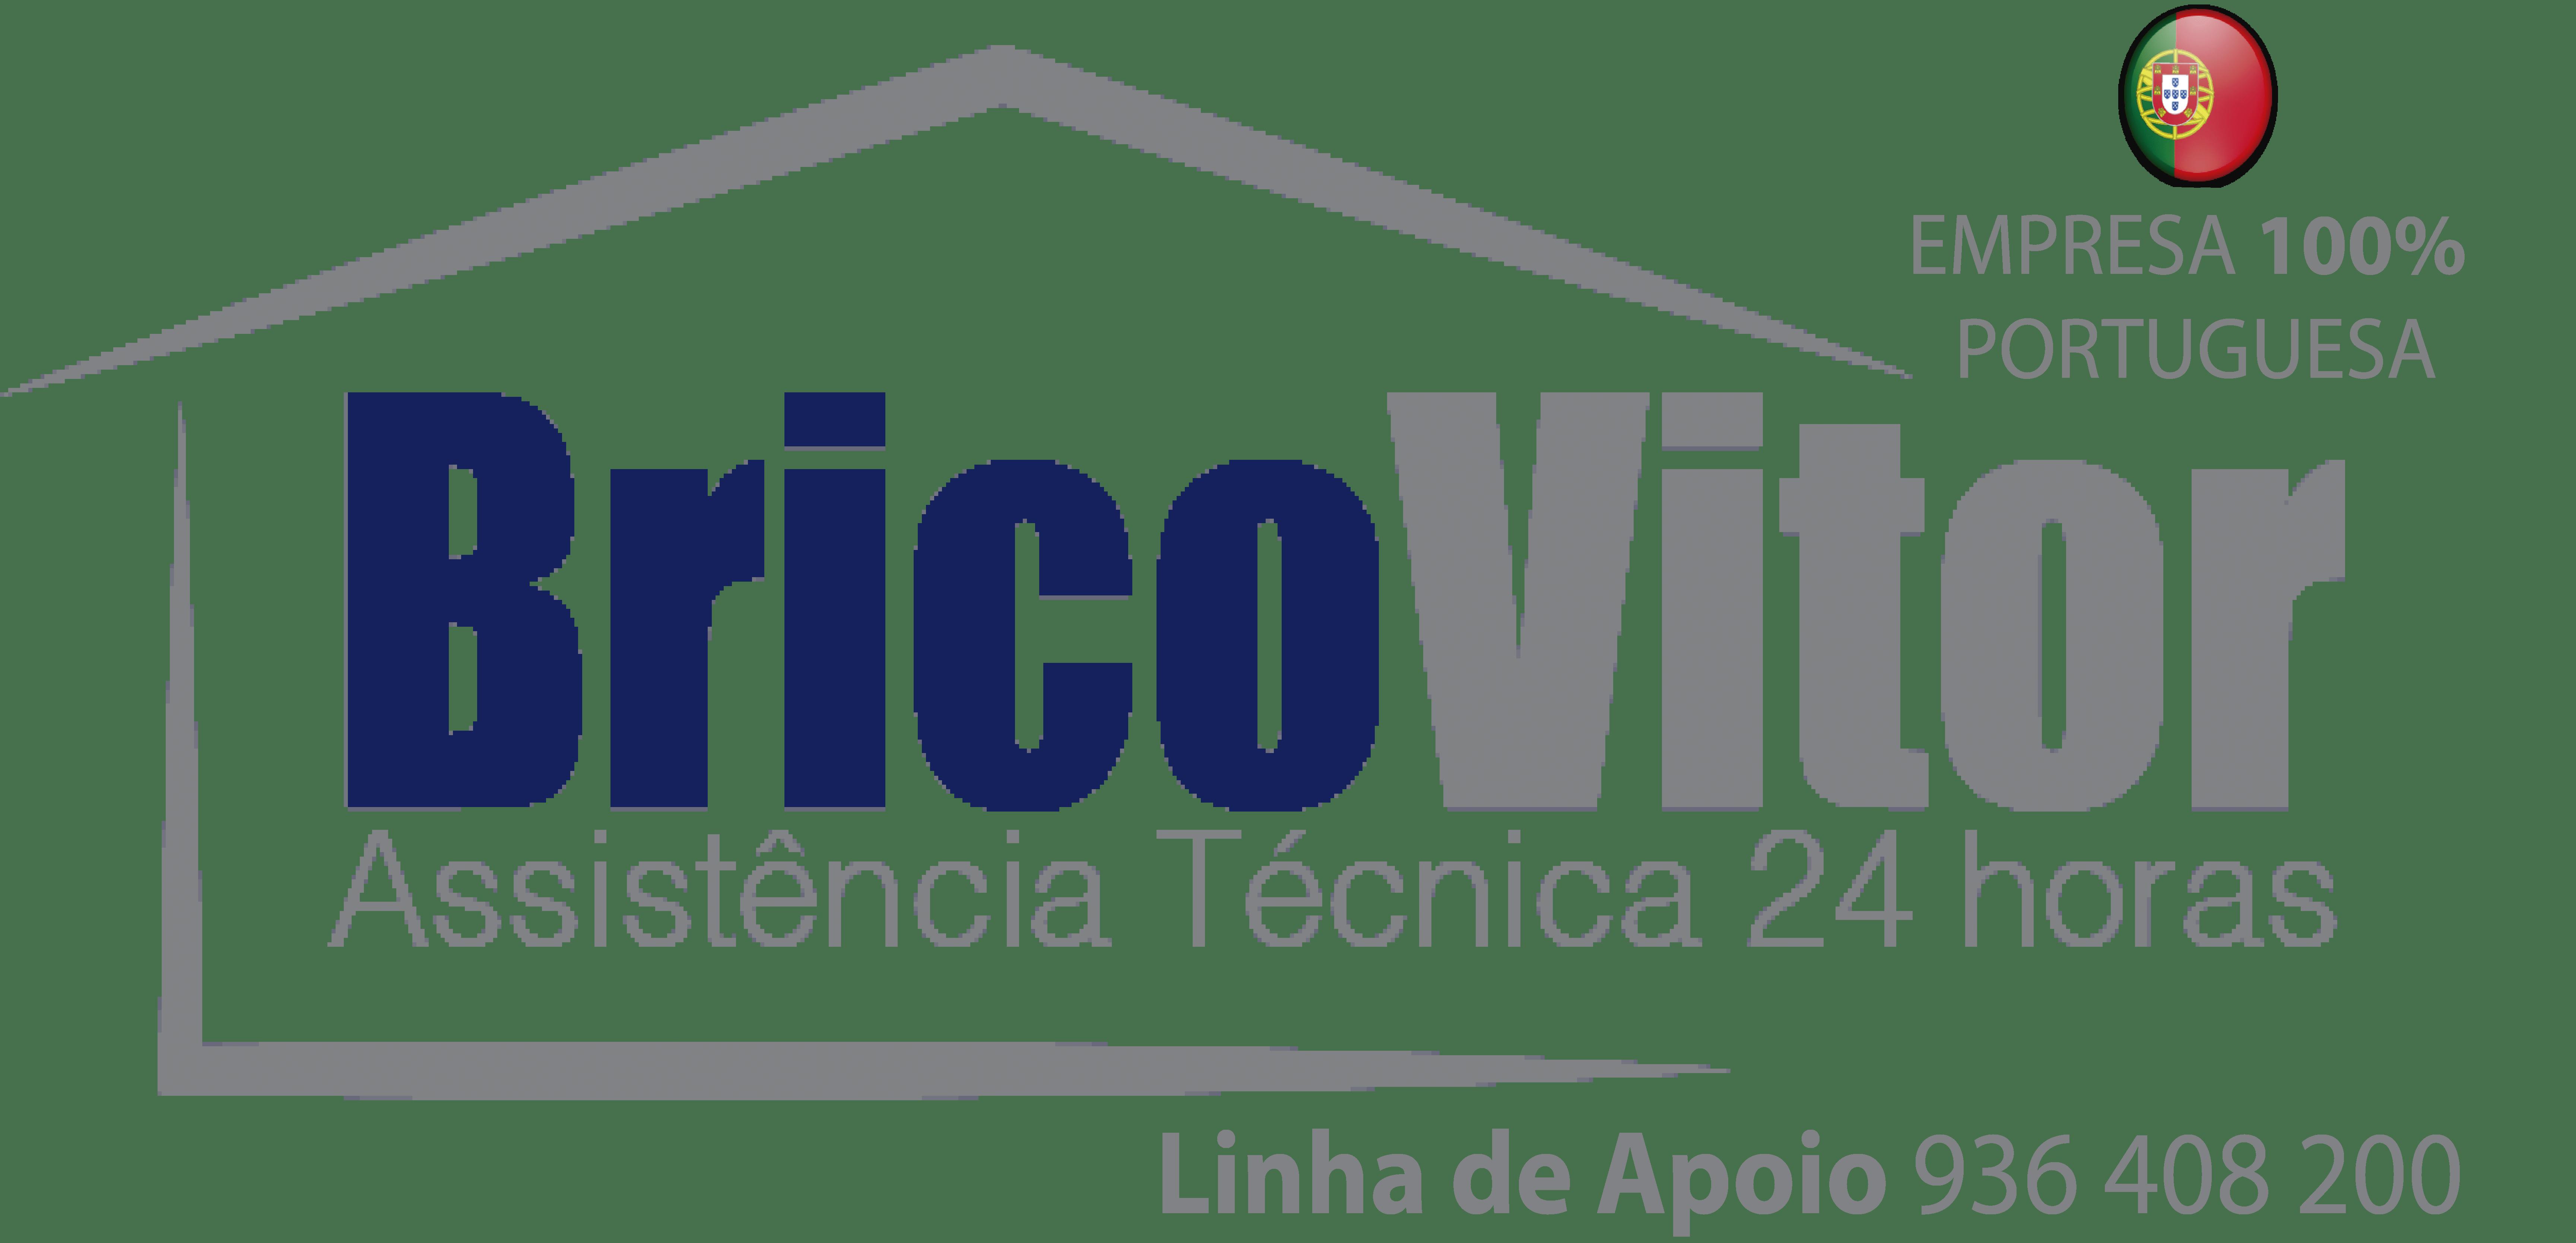 Manutenção Esquentadores Chaffoteaux et Maury Melgaço: Viana do Castelo